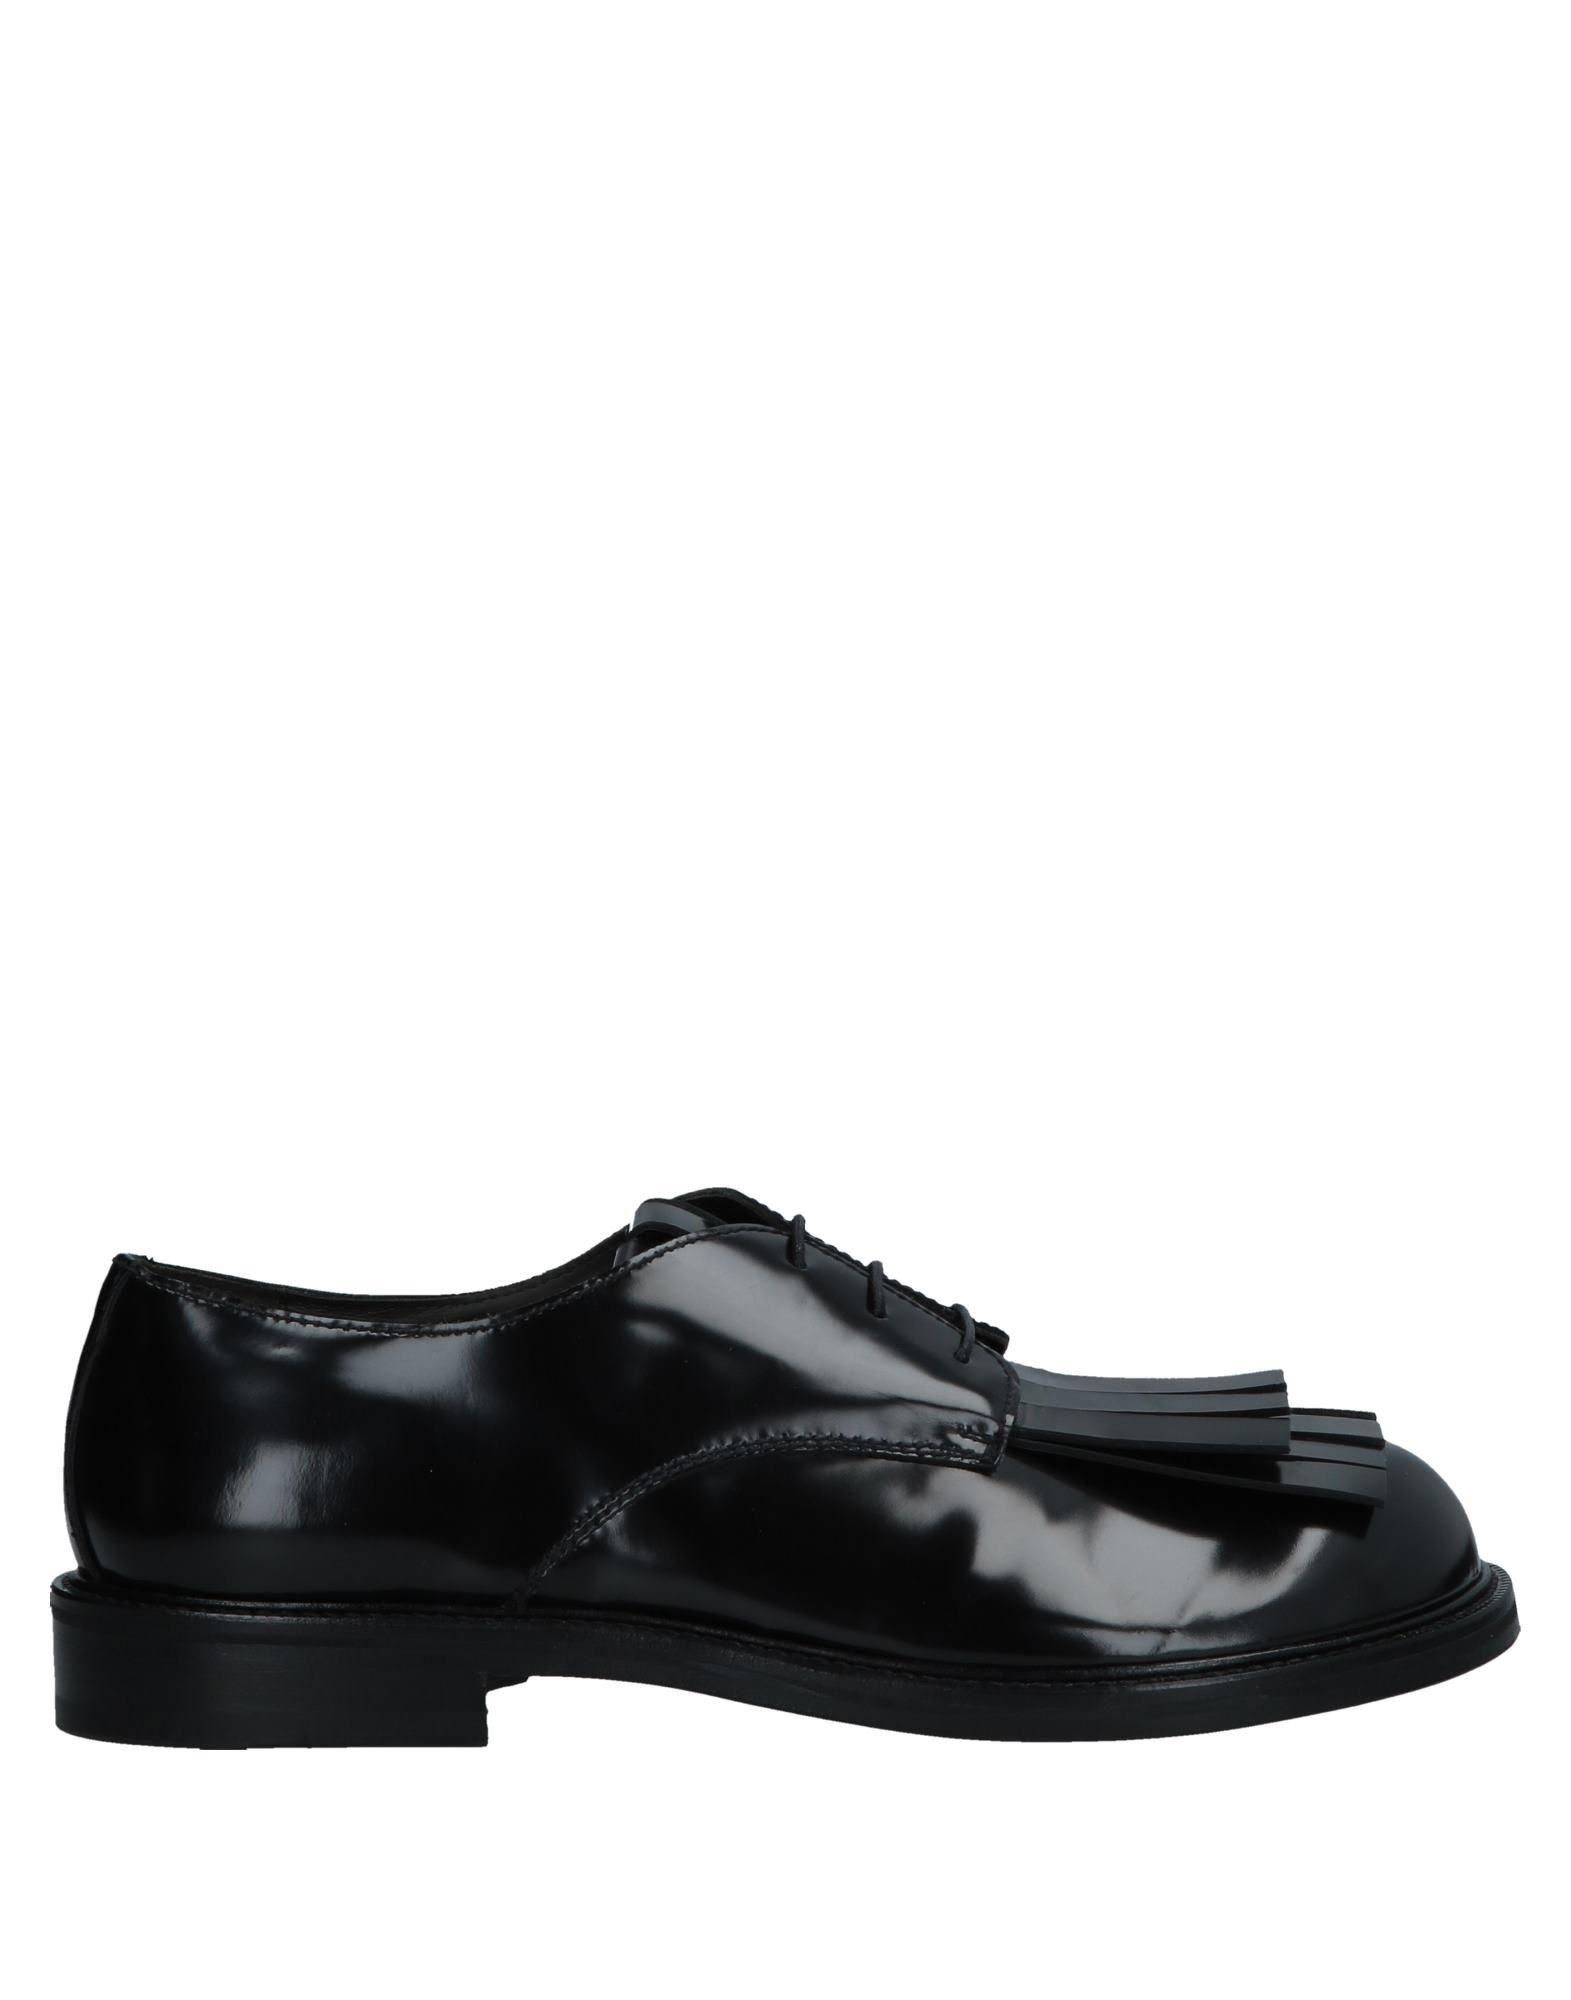 Фото - RUNDHOLZ Обувь на шнурках обувь на высокой платформе dkny